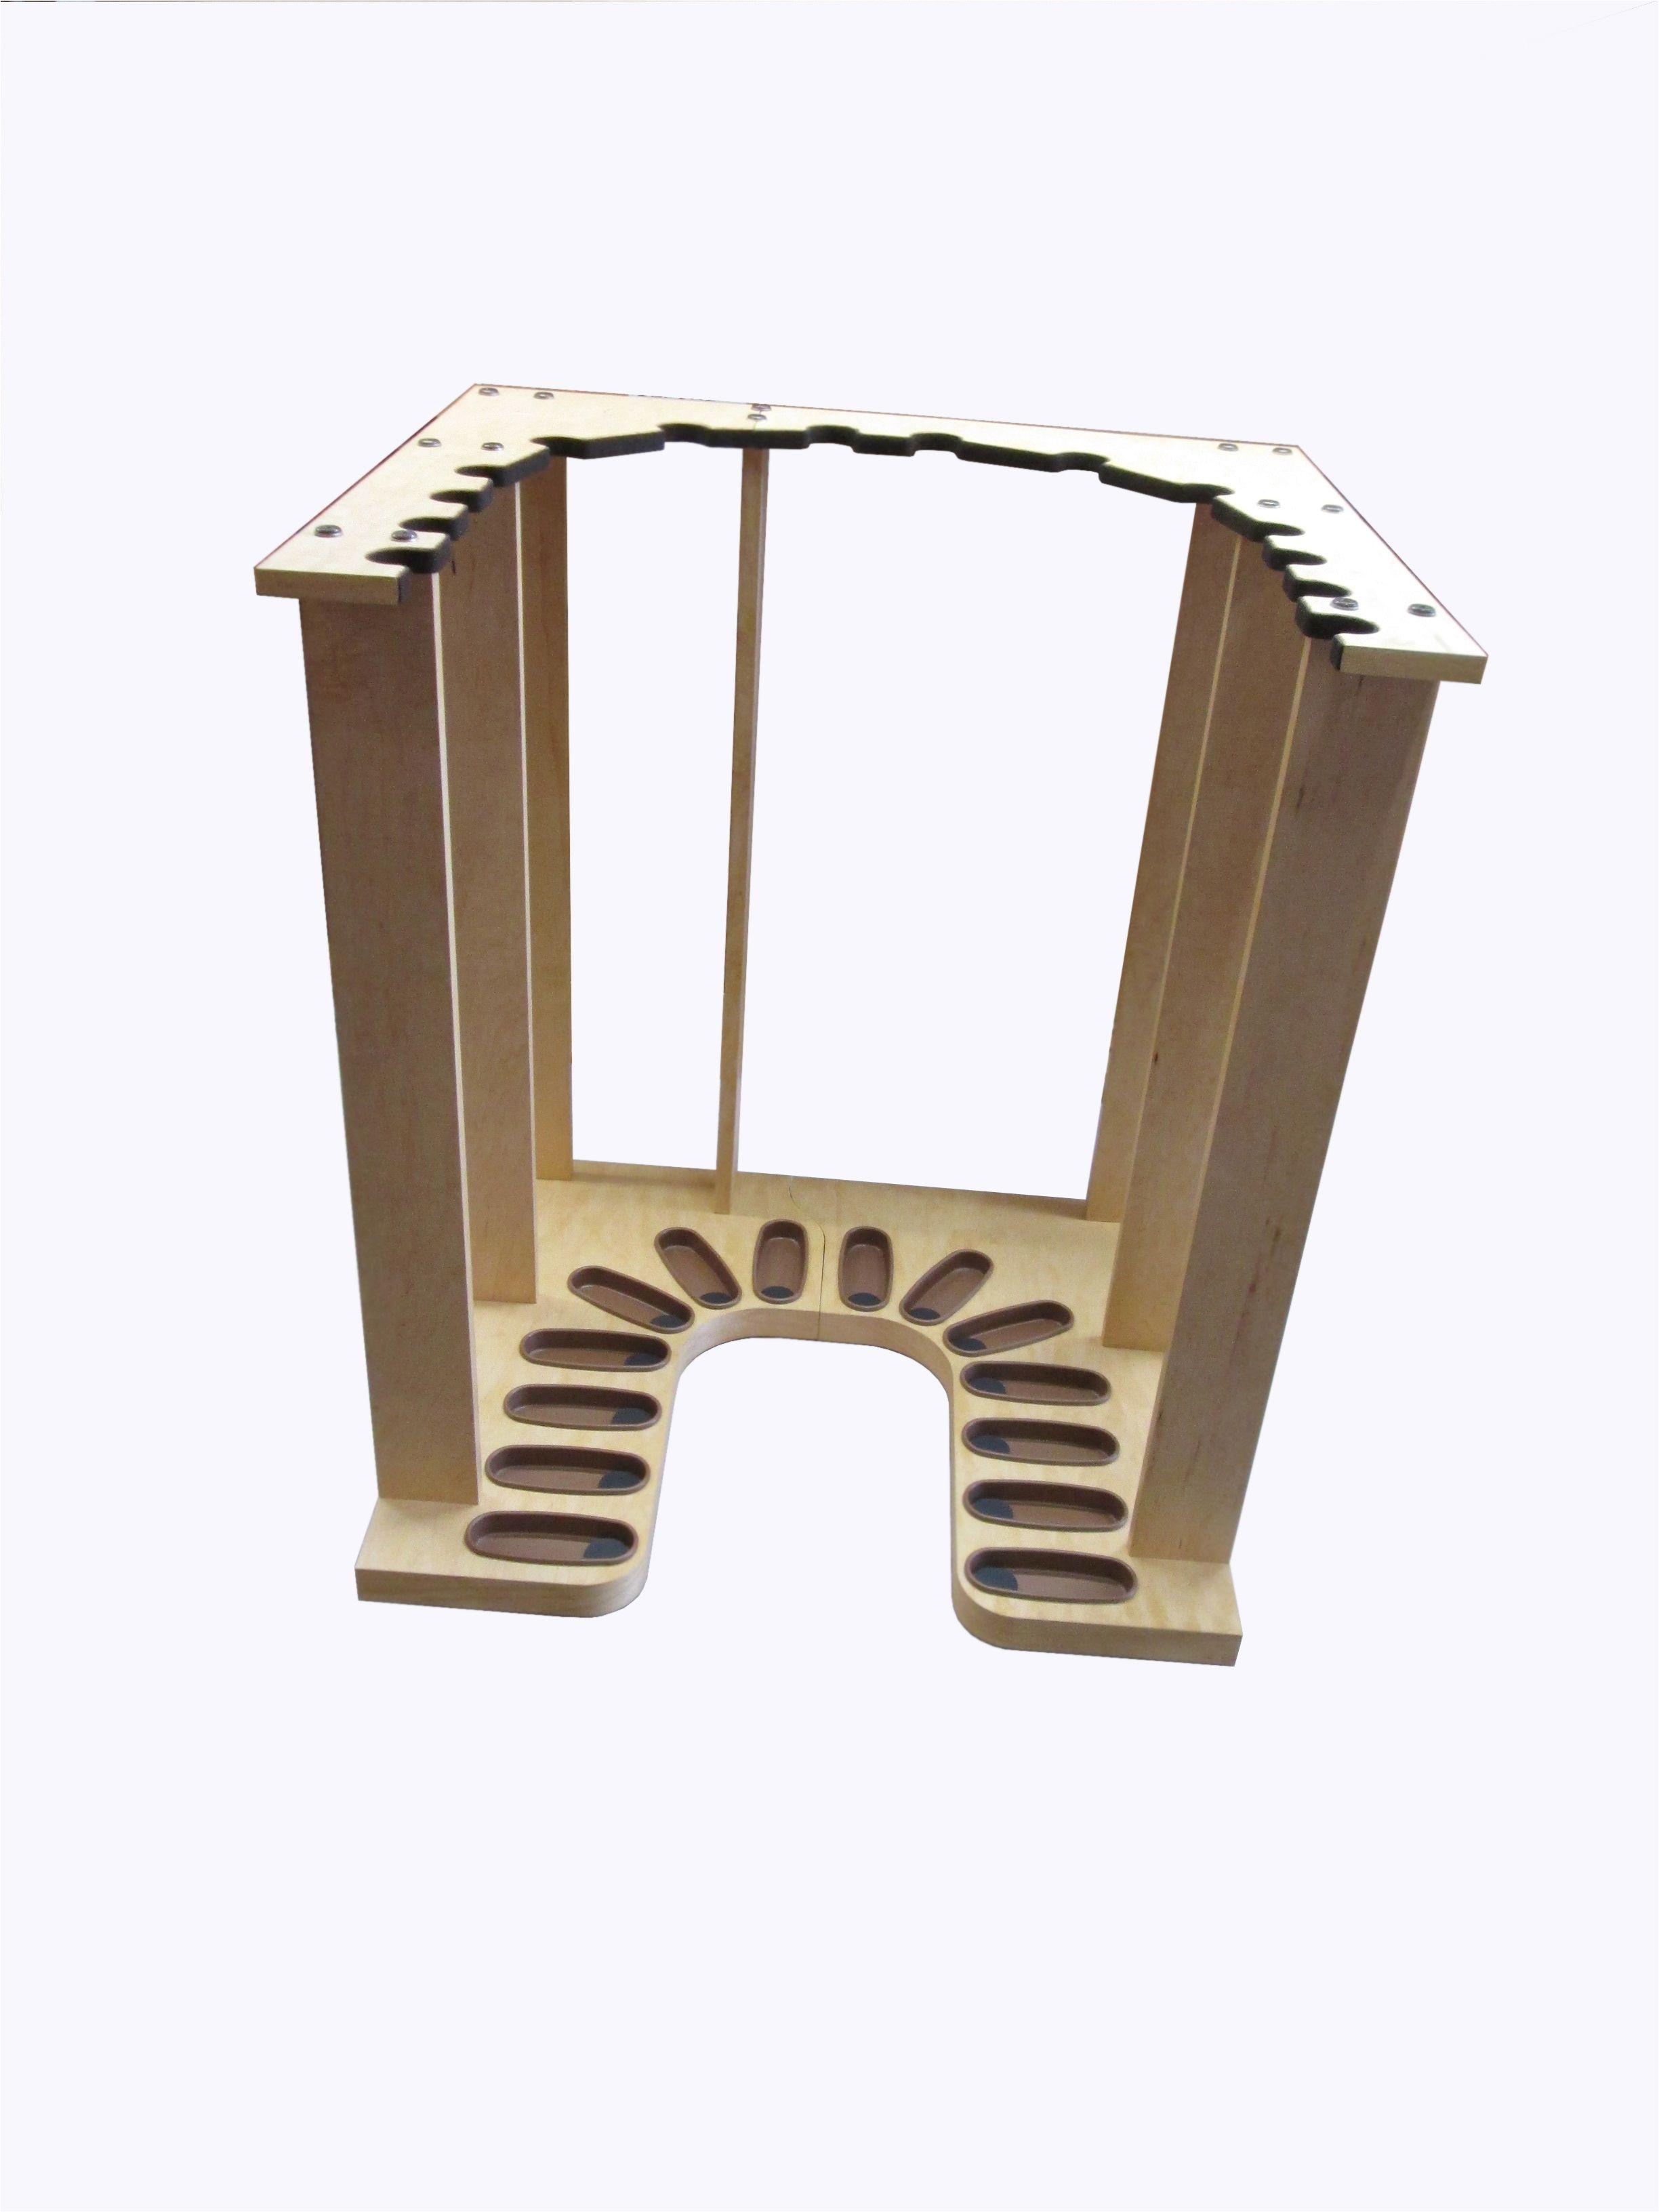 Gun Rack Woodworking Plans U Shaped Vertical Gun Rack for A Safe or Closet Www Gun Racks Com